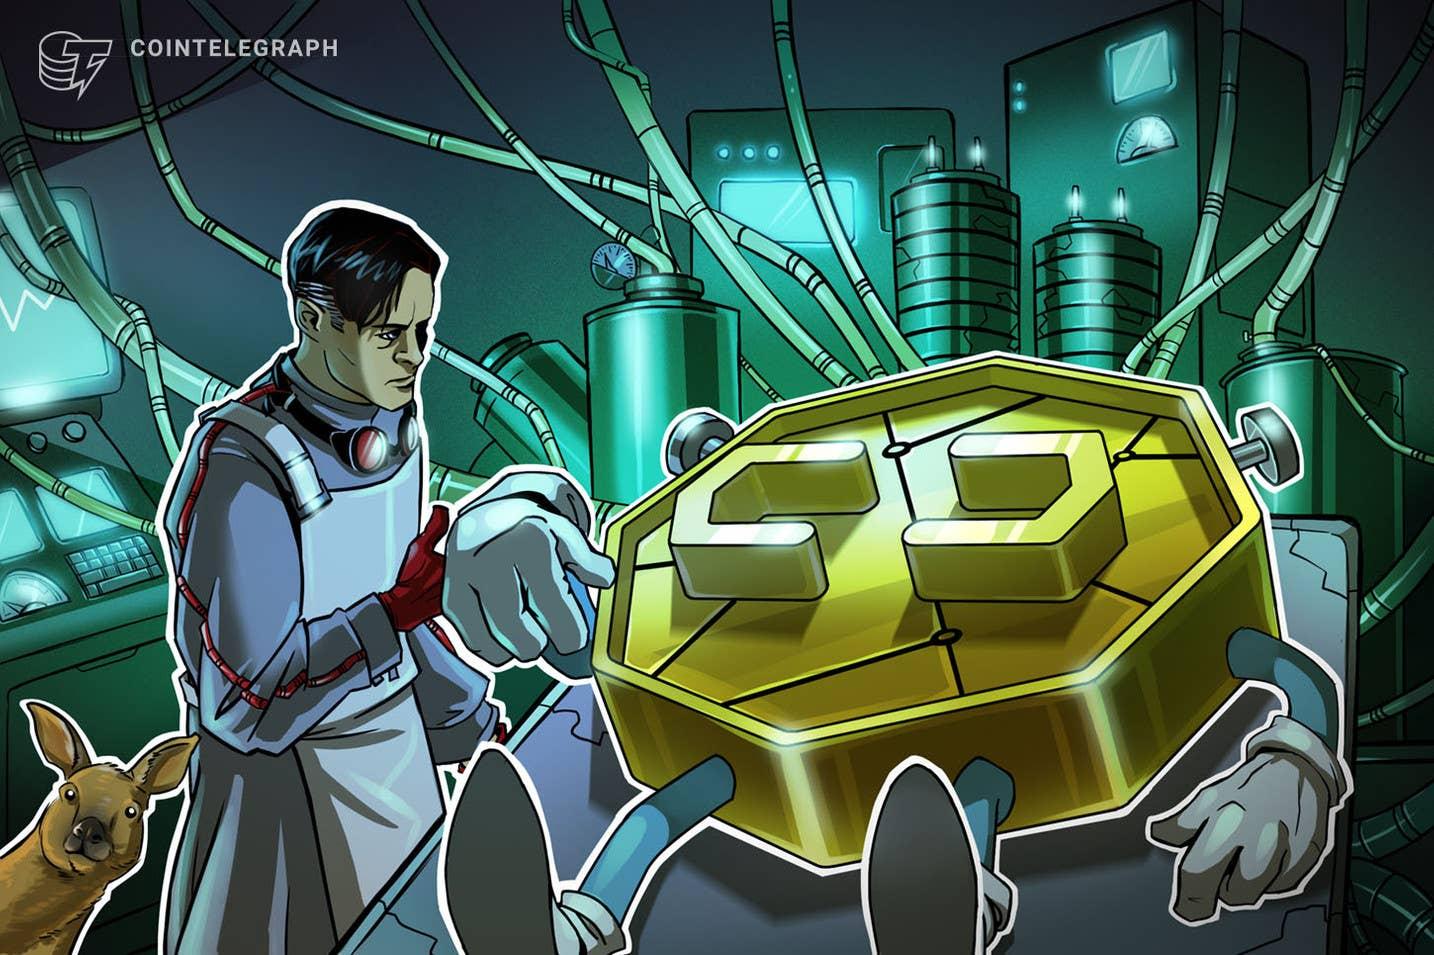 Binance para encerrar futuros e opções de criptografia na Austrália